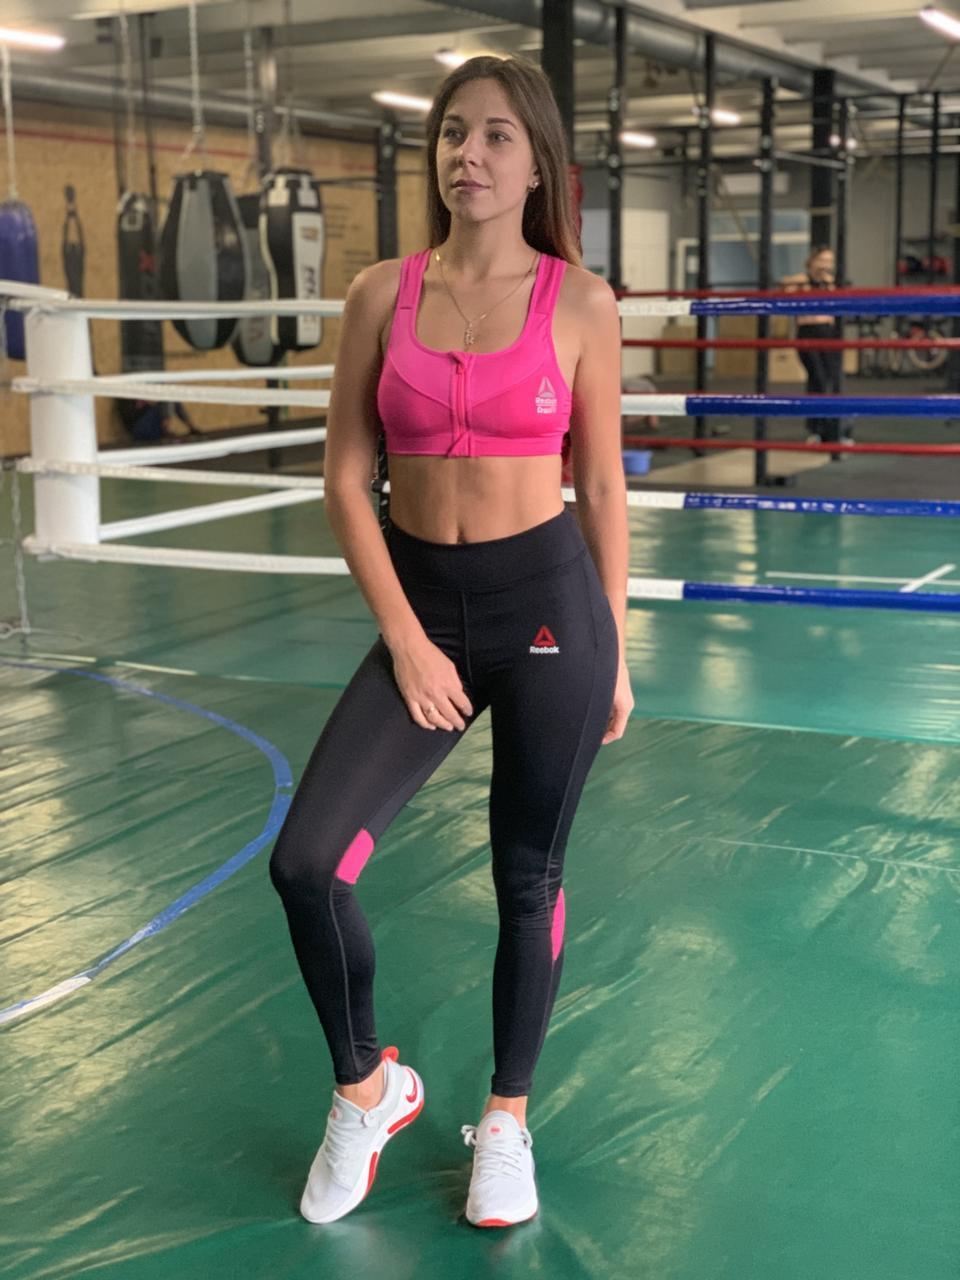 Комплект костюм спортивный комперссионный  женский Reebok Рибок (S,M,L,XL)